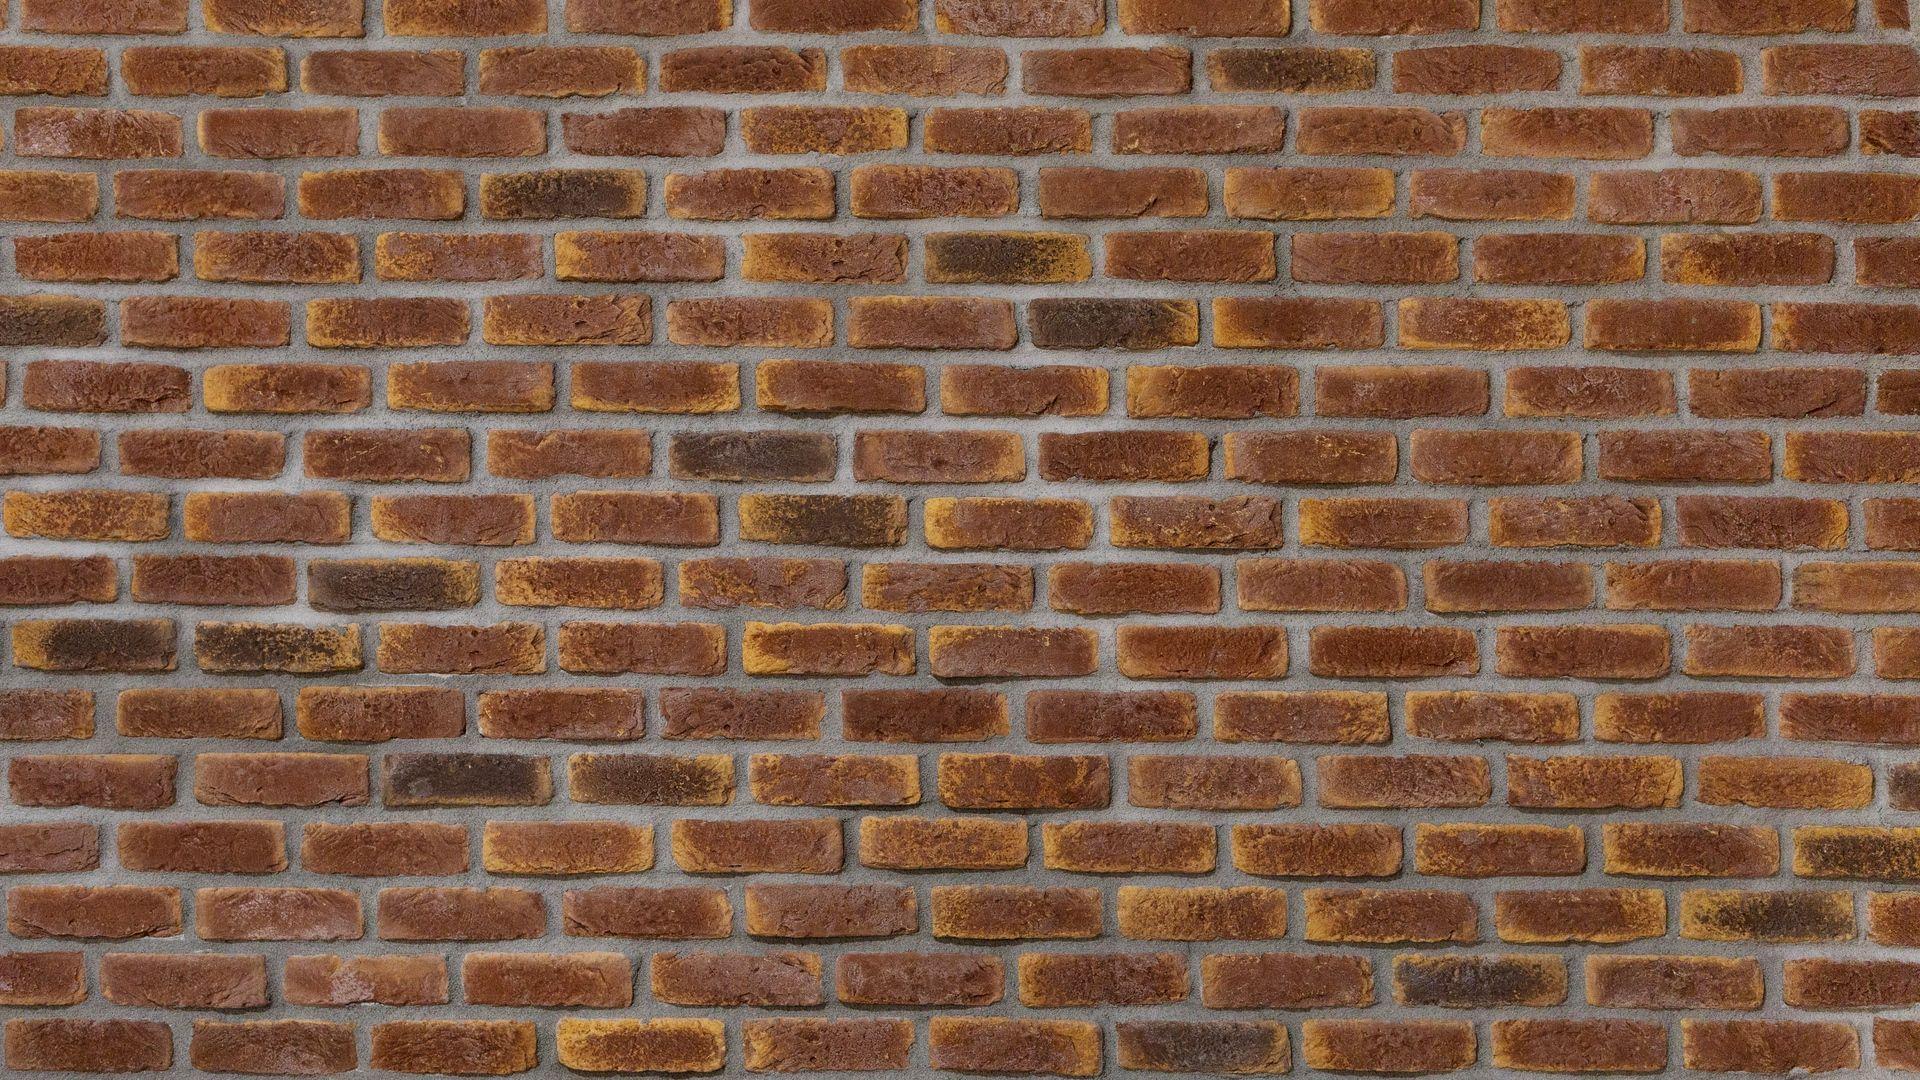 Brick Paper Backdrop 1920x1080 wallpaper